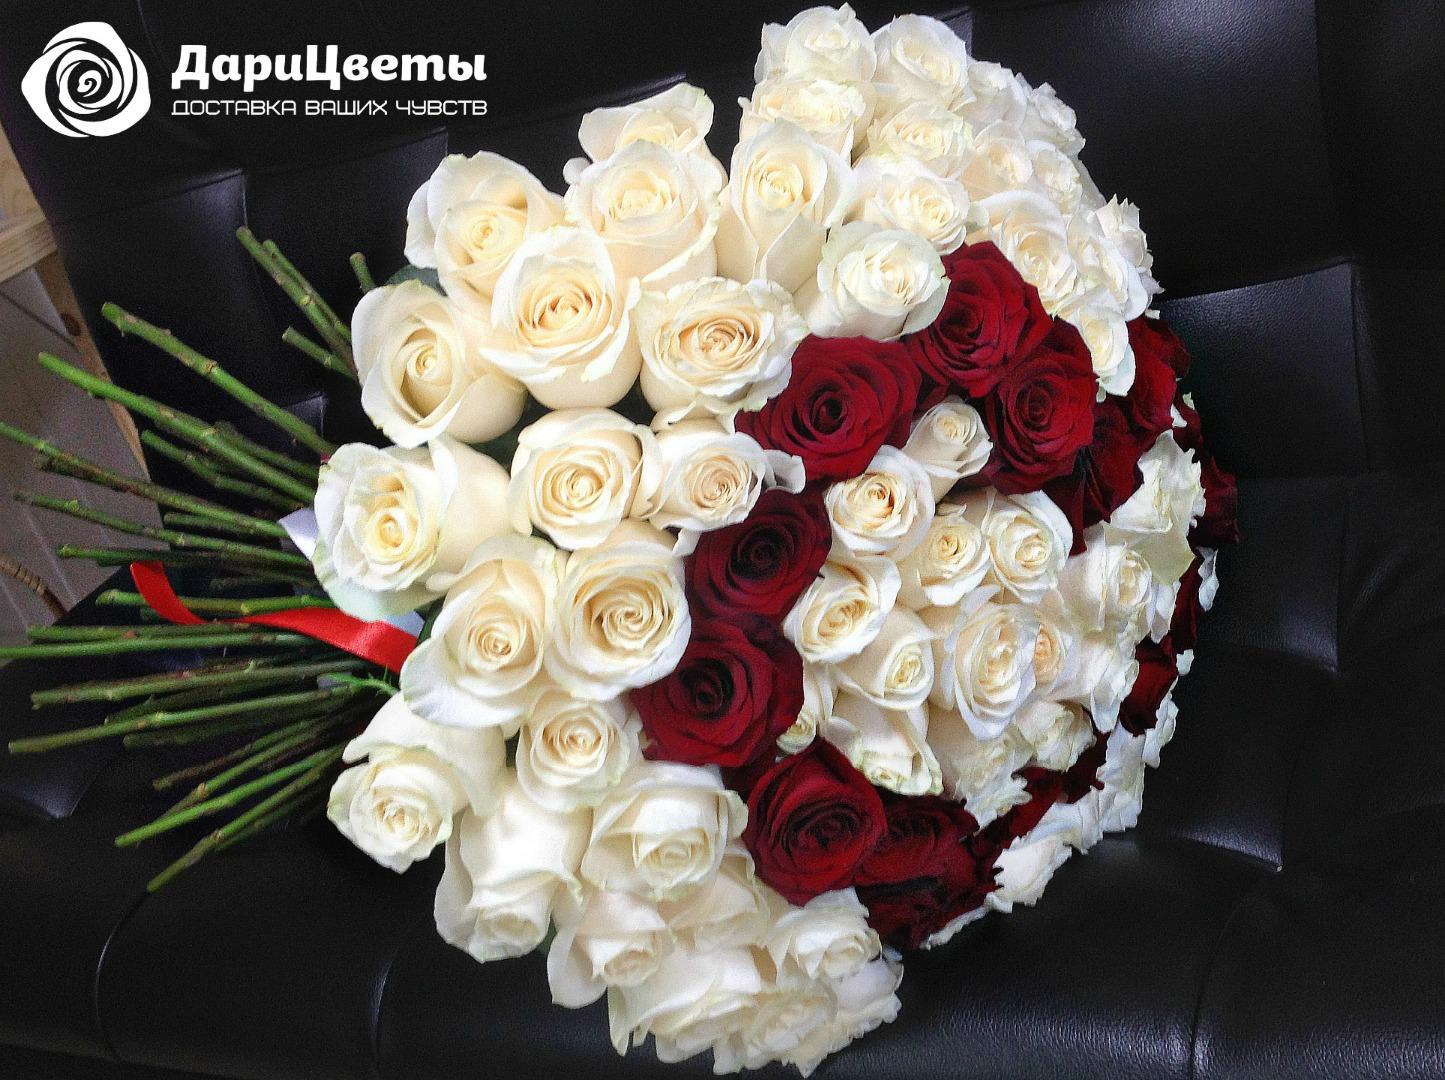 Красивые букеты цветов фото 101 роза